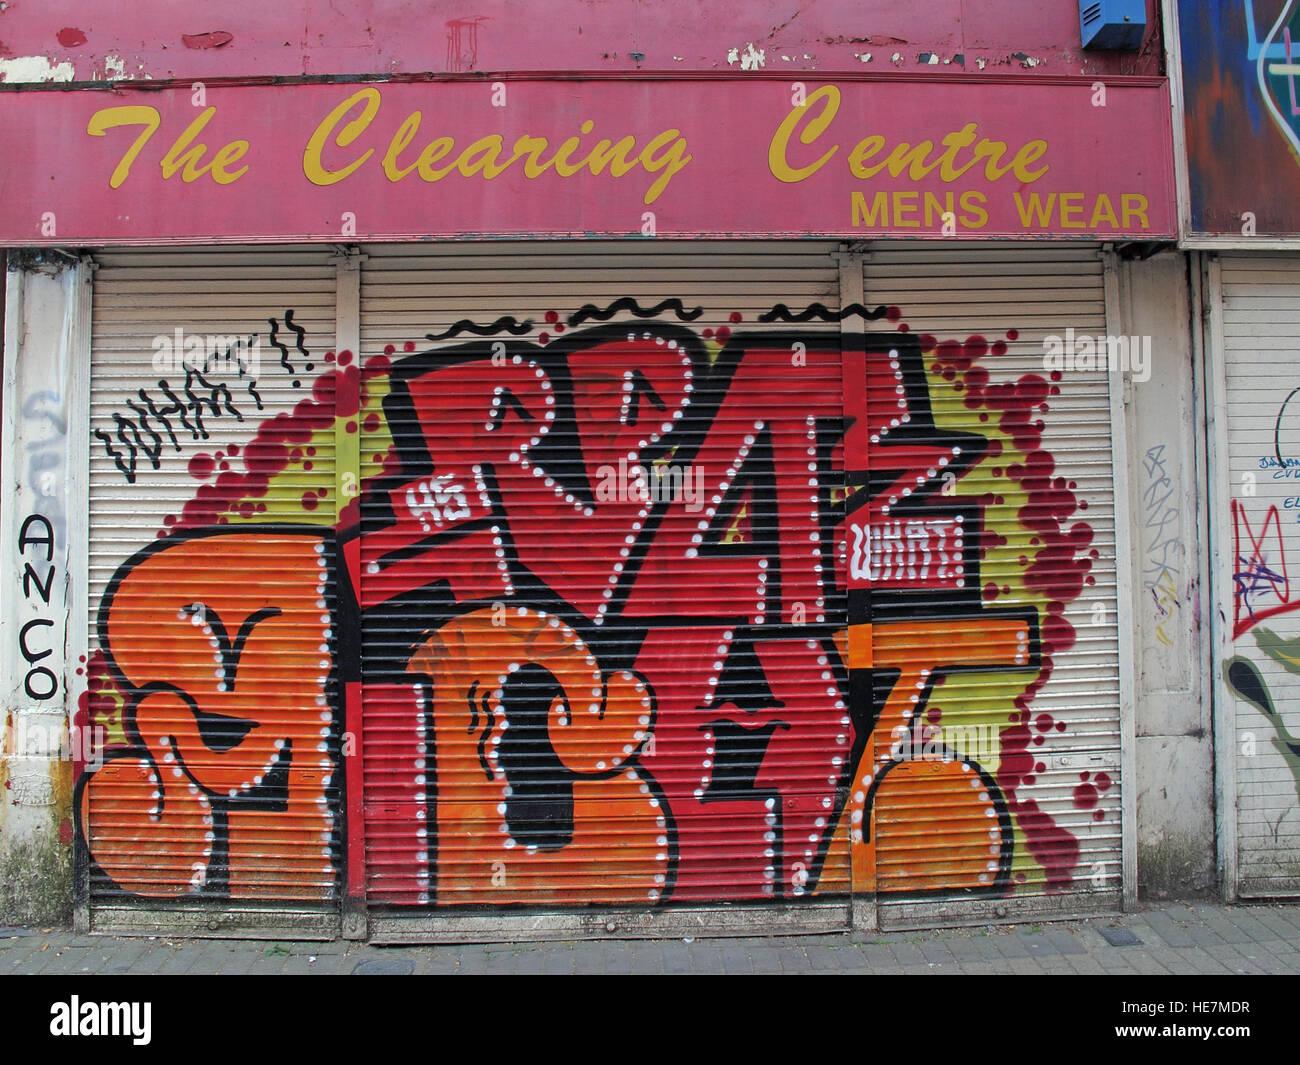 Laden Sie dieses Alamy Stockfoto Belfast Garfield St Clearing Center Menswear, Stadtzentrum, Nordirland, Vereinigtes Königreich - HE7MDR